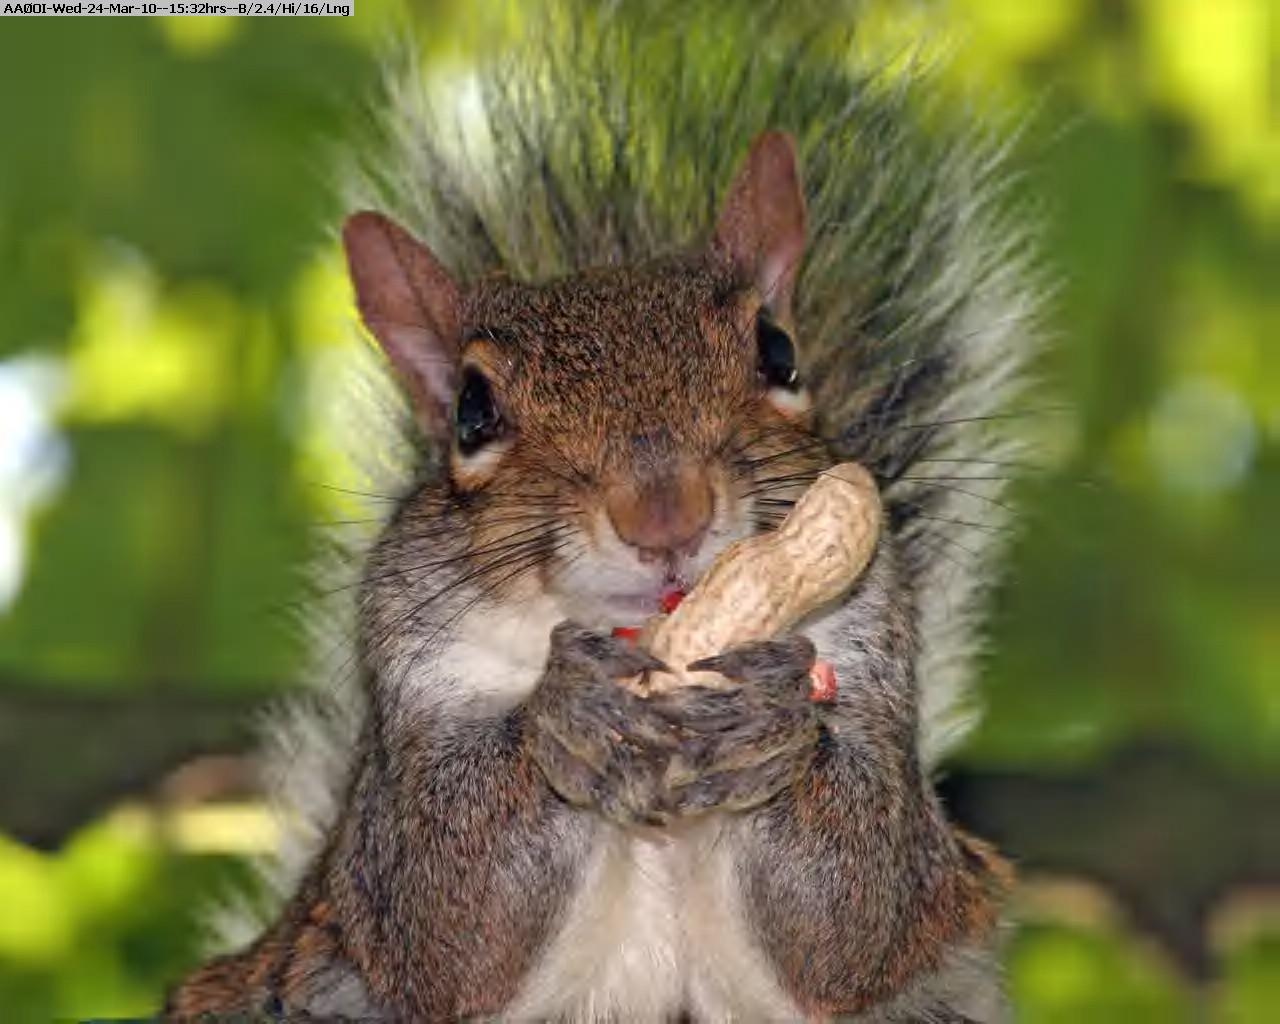 100324152957-Squirrel-Eating-nut.jpg